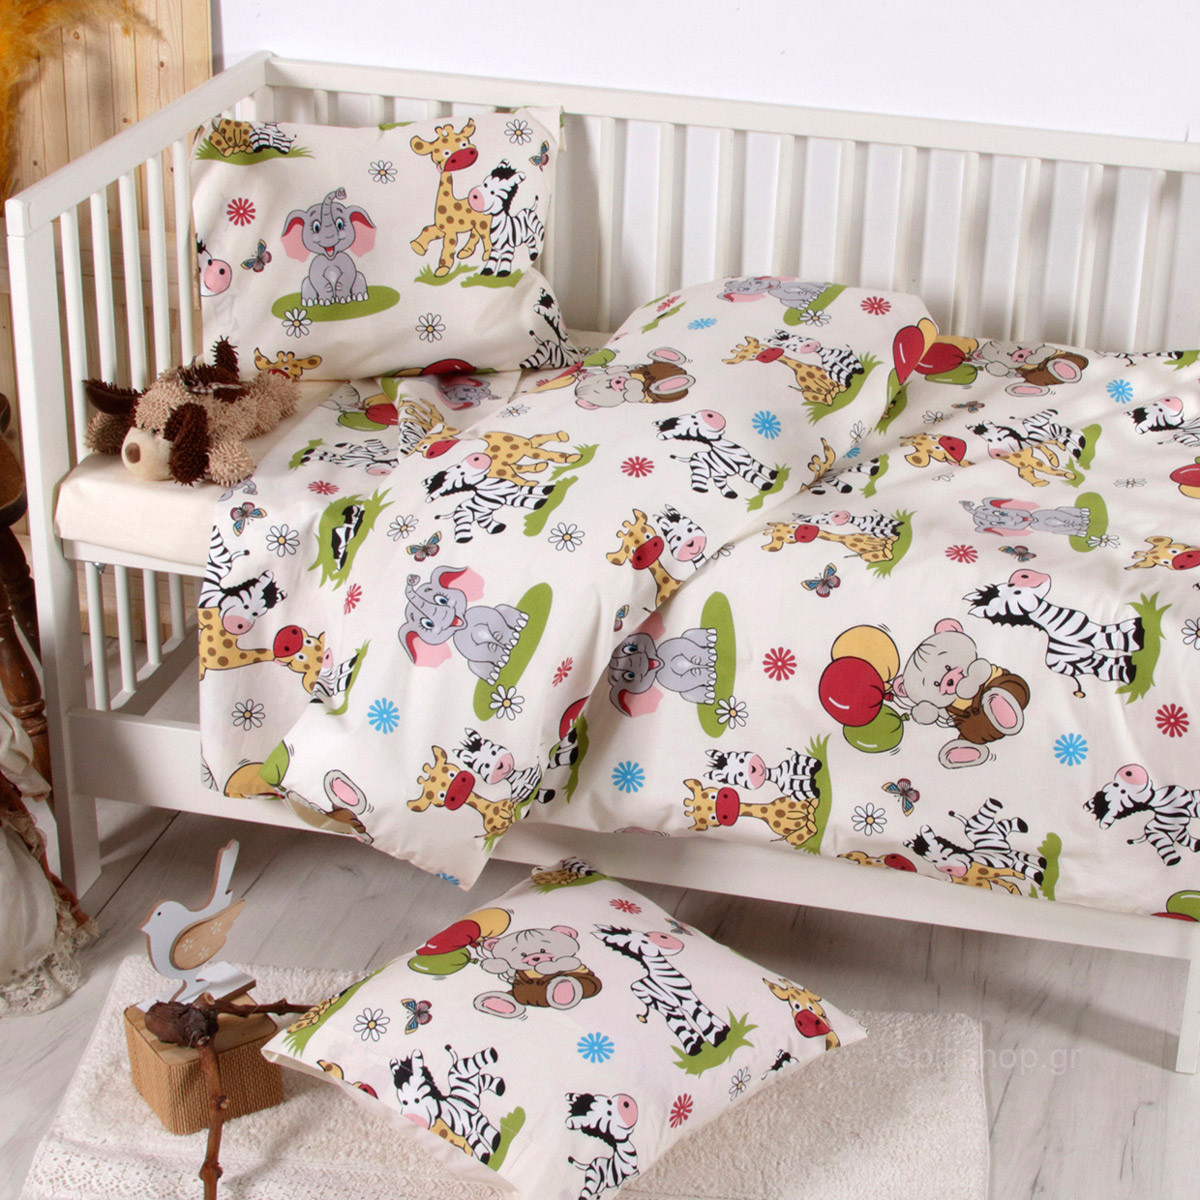 Παπλωματοθήκη Κούνιας (Σετ) Sb Home Baby Kelby